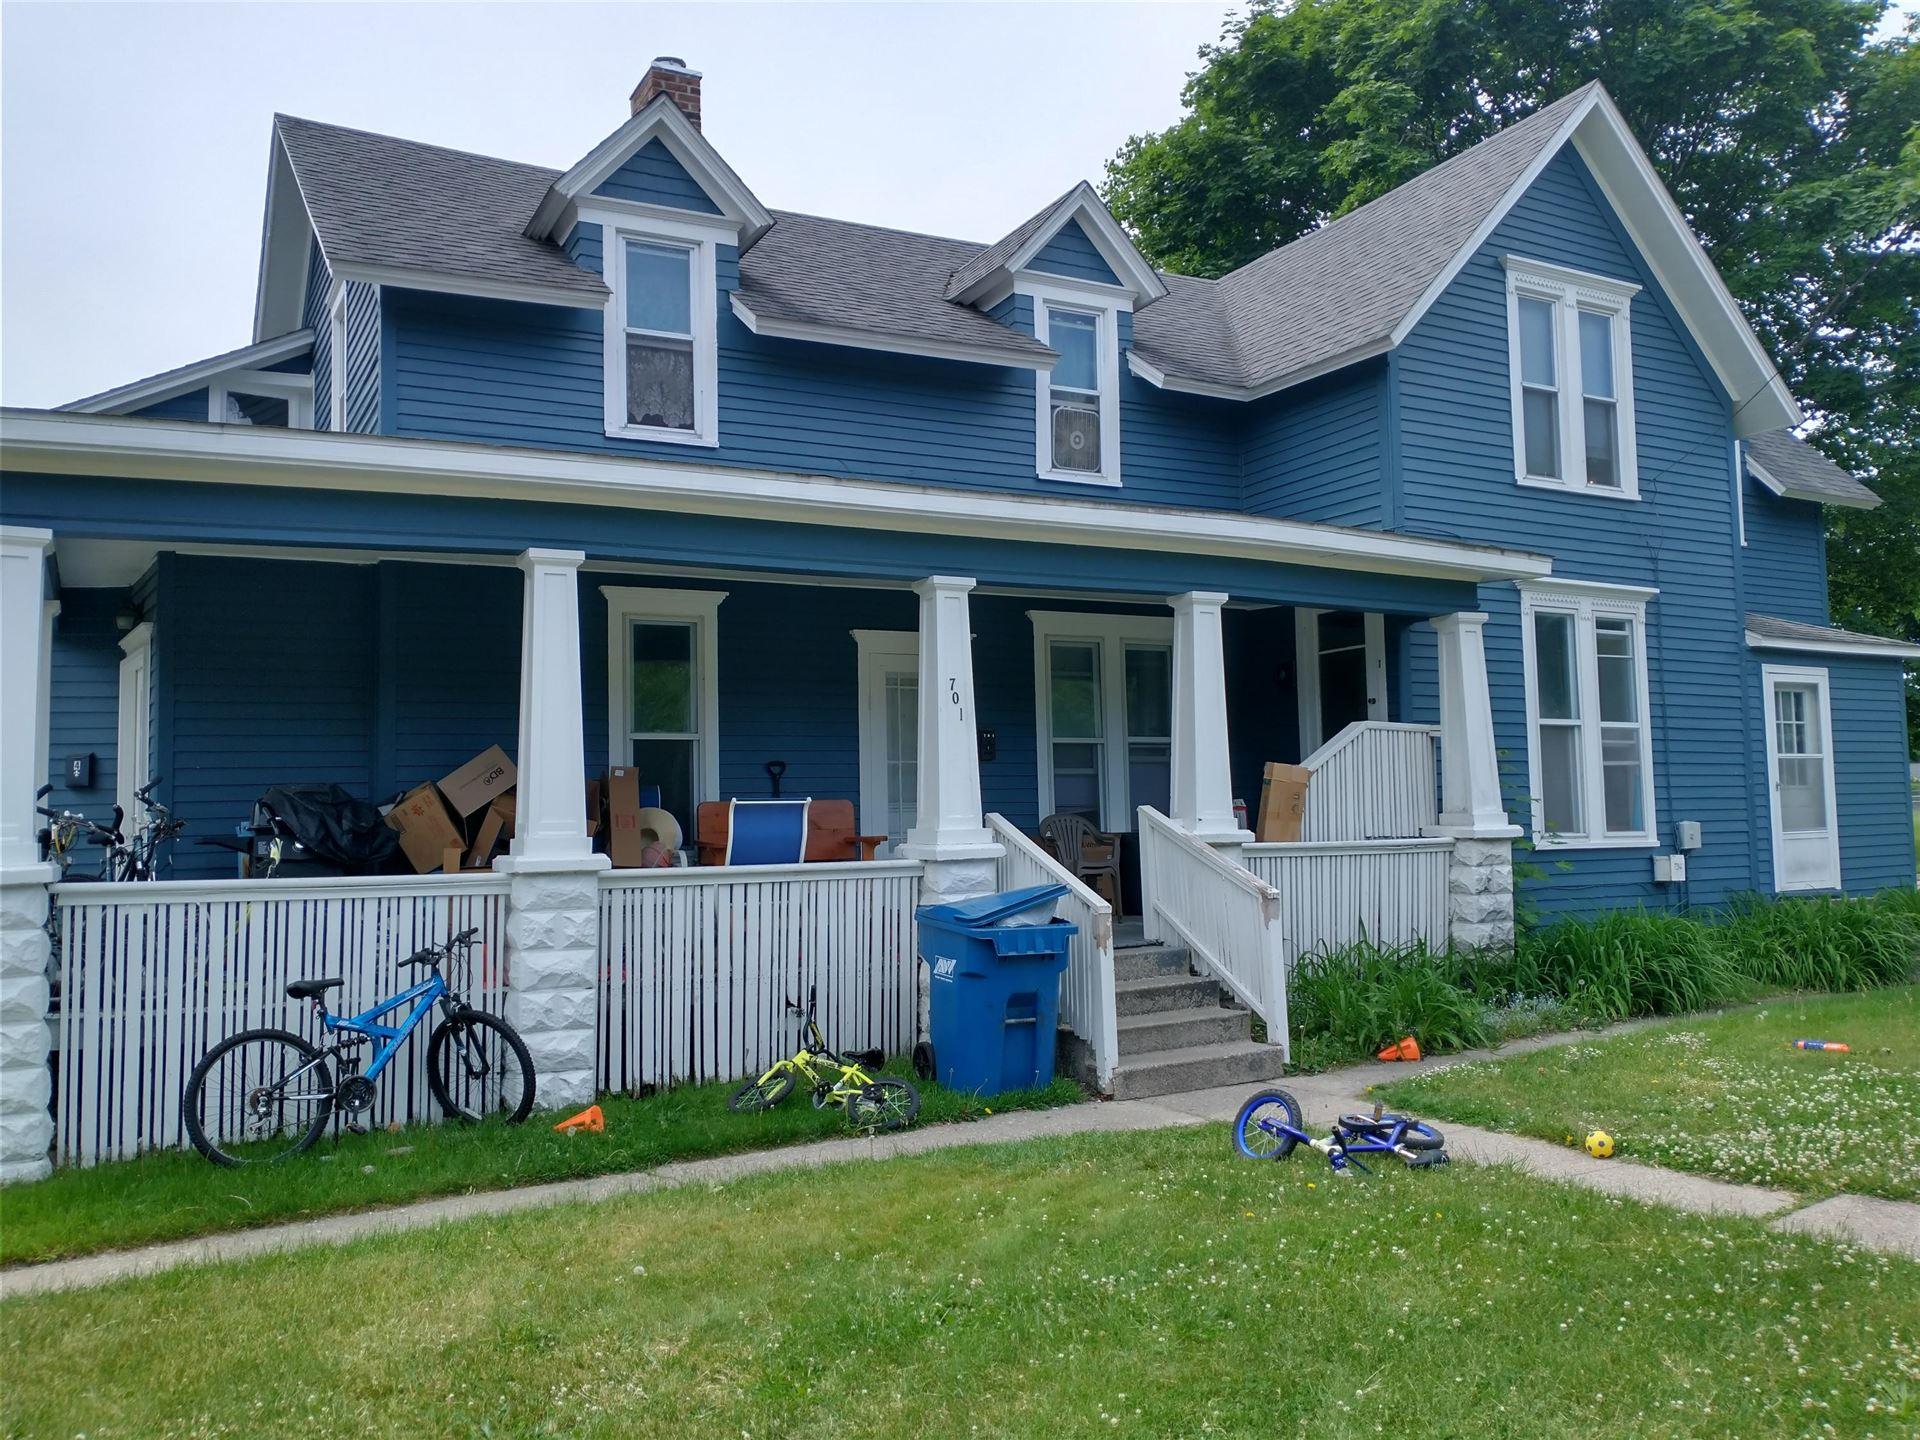 701 Maple Street, Manistee, MI 49660 - MLS#: 21021449